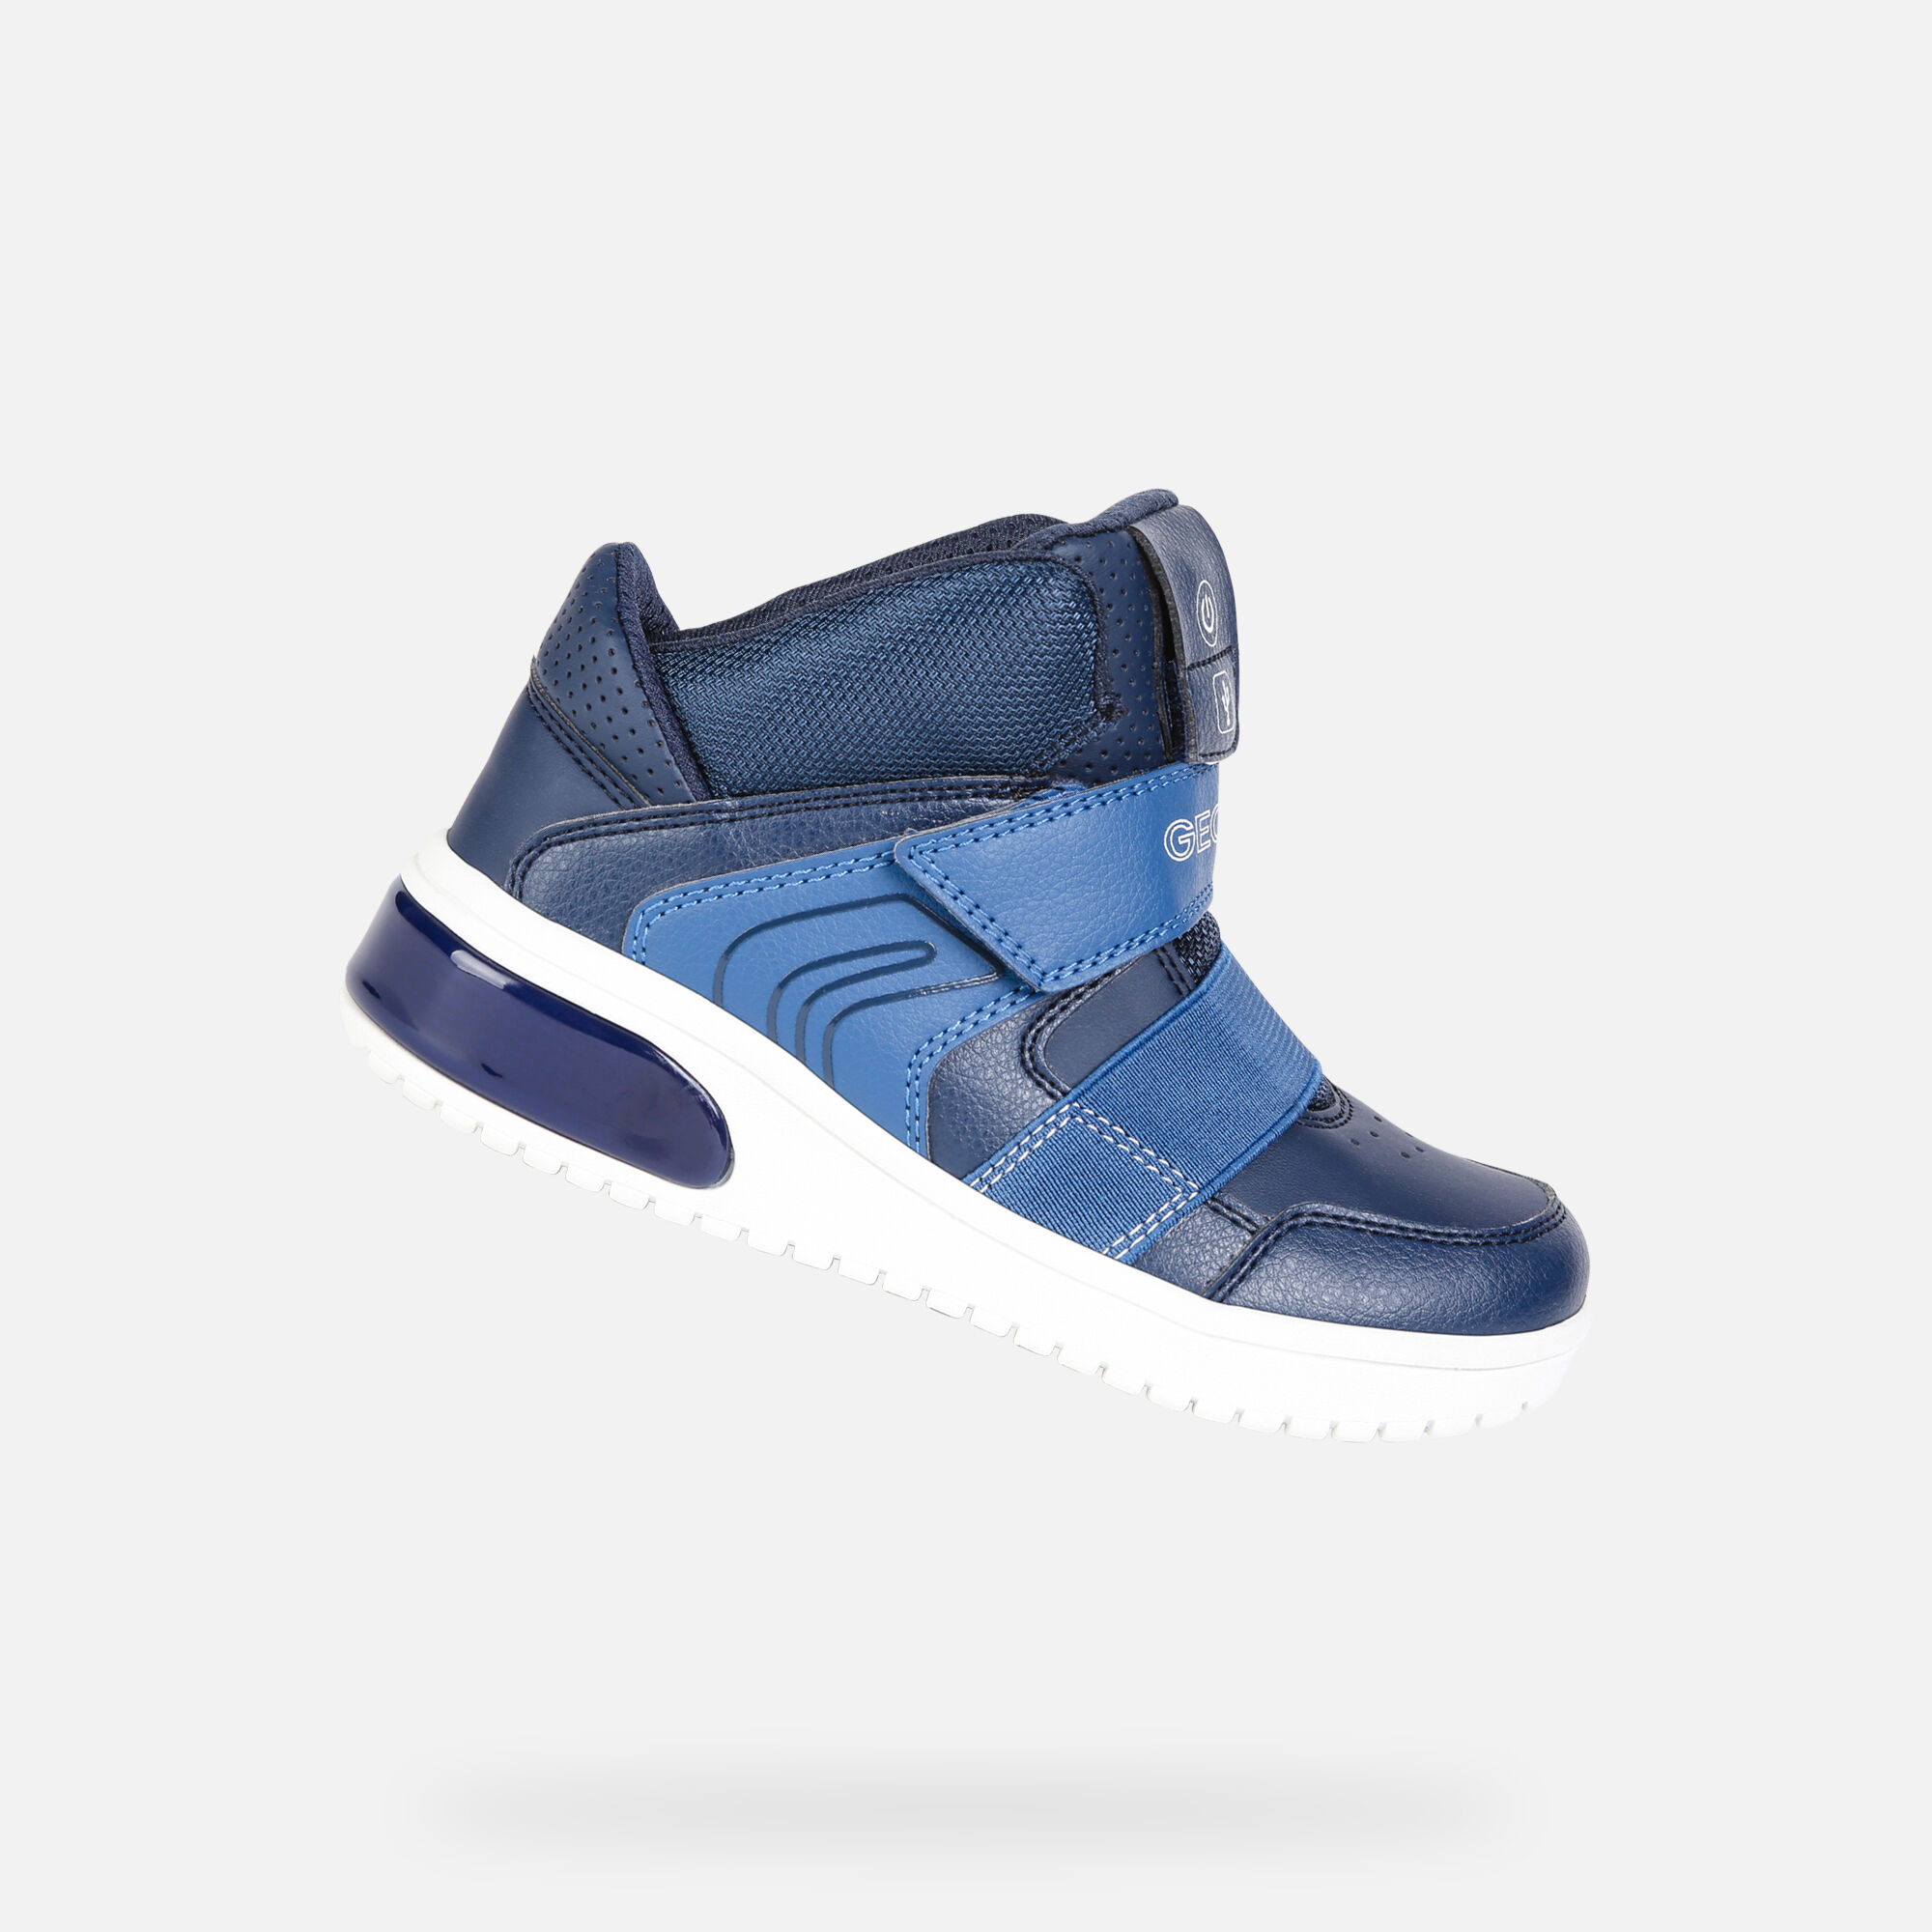 chaussures enfant geox couleur bleue